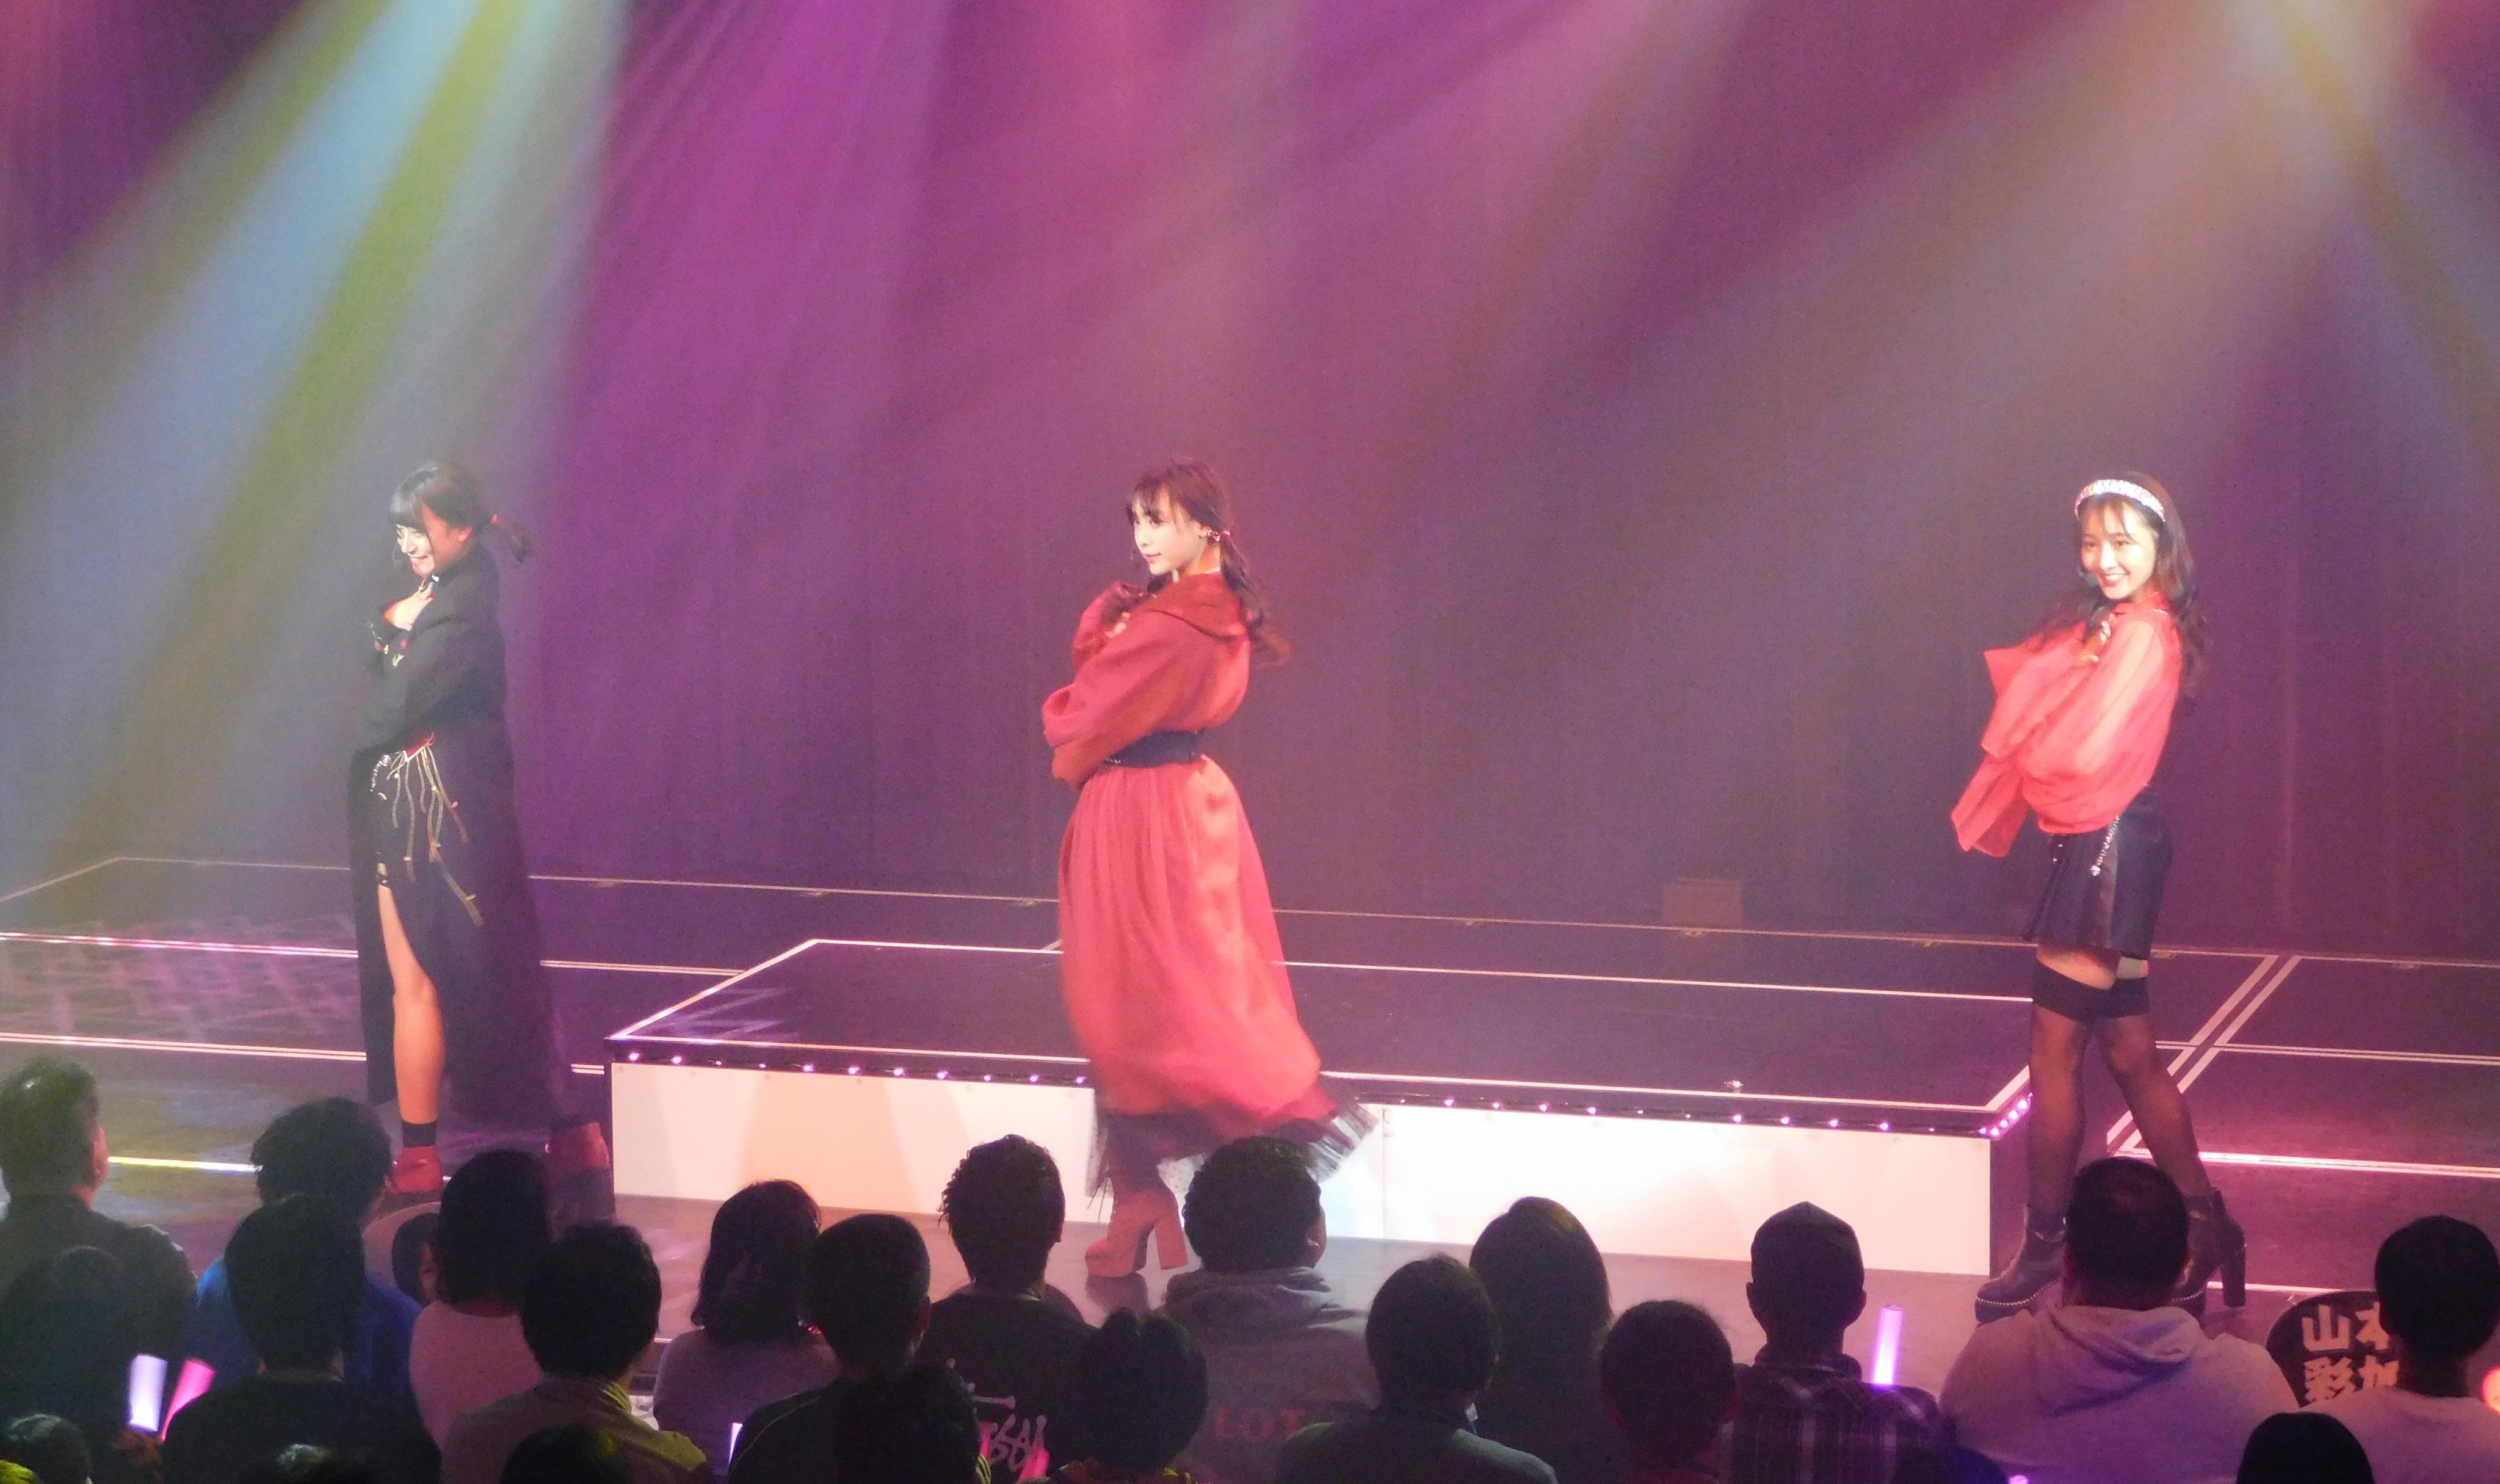 【NMB48】12月15日「特別講演」LAPIS ARCHお披露目のセットリストと画像など